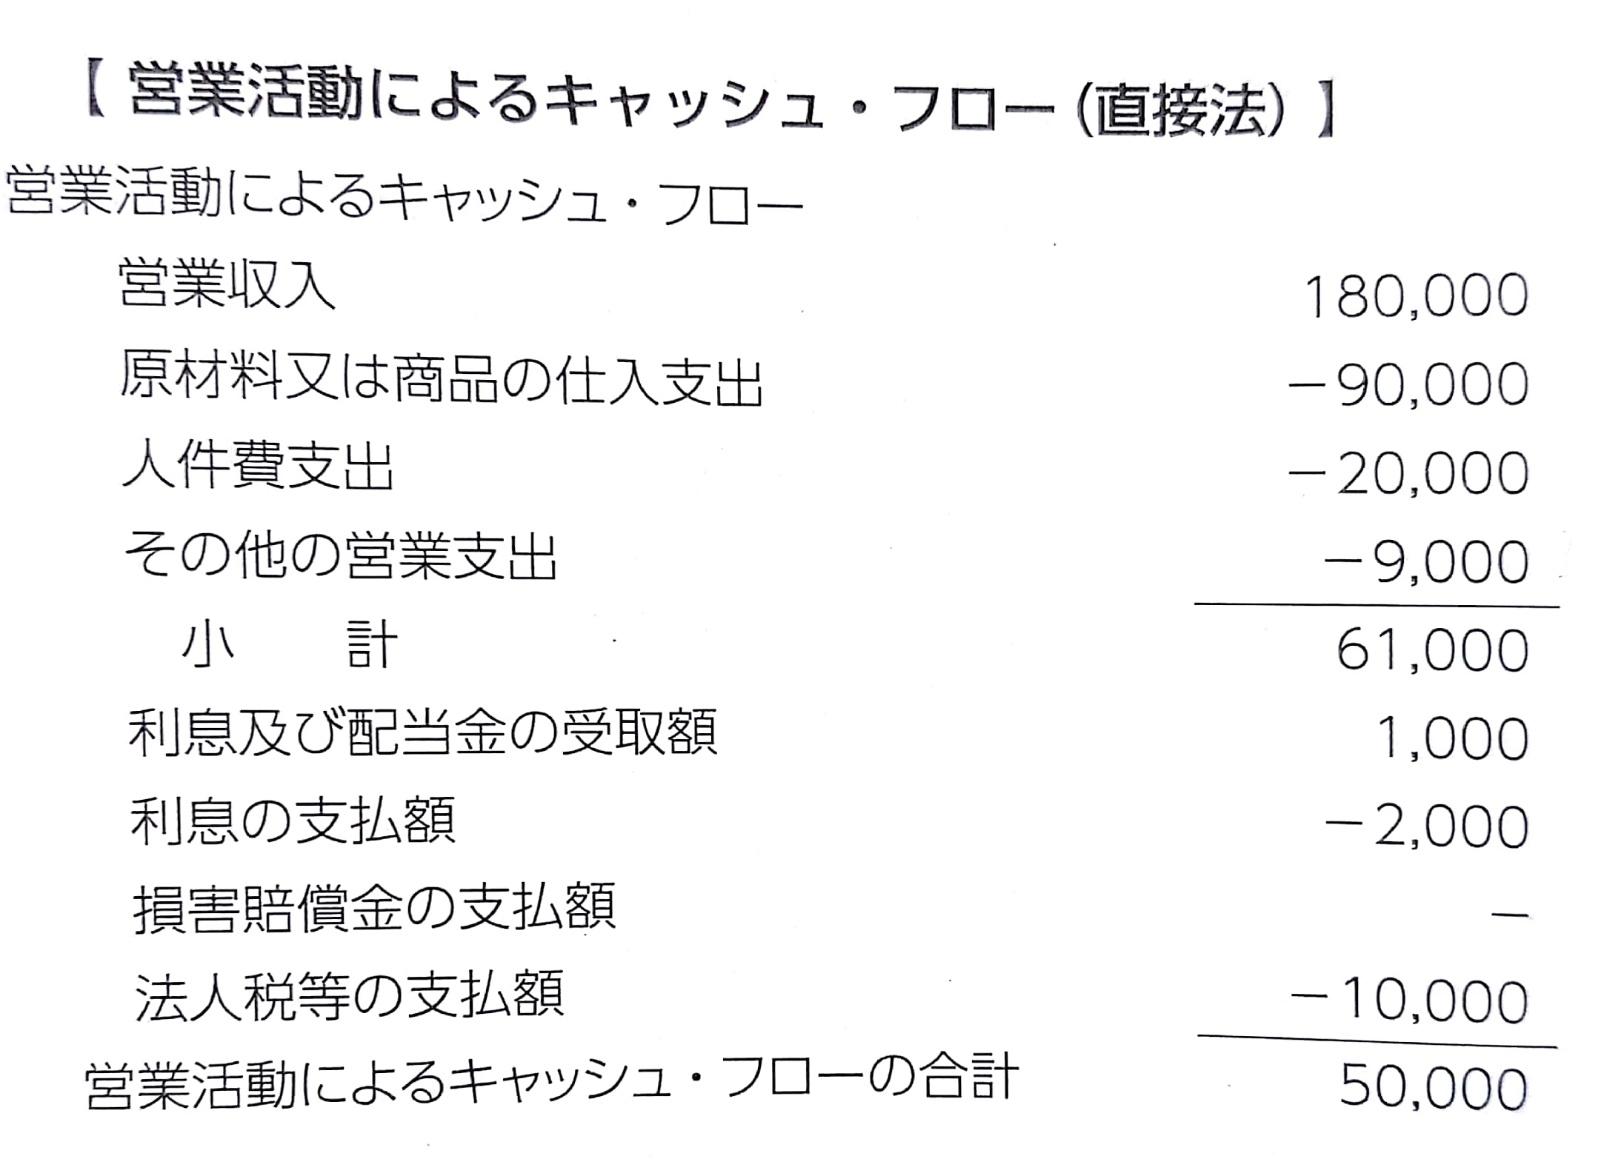 新規ドキュメント 2018-11-07 20.37.28_1